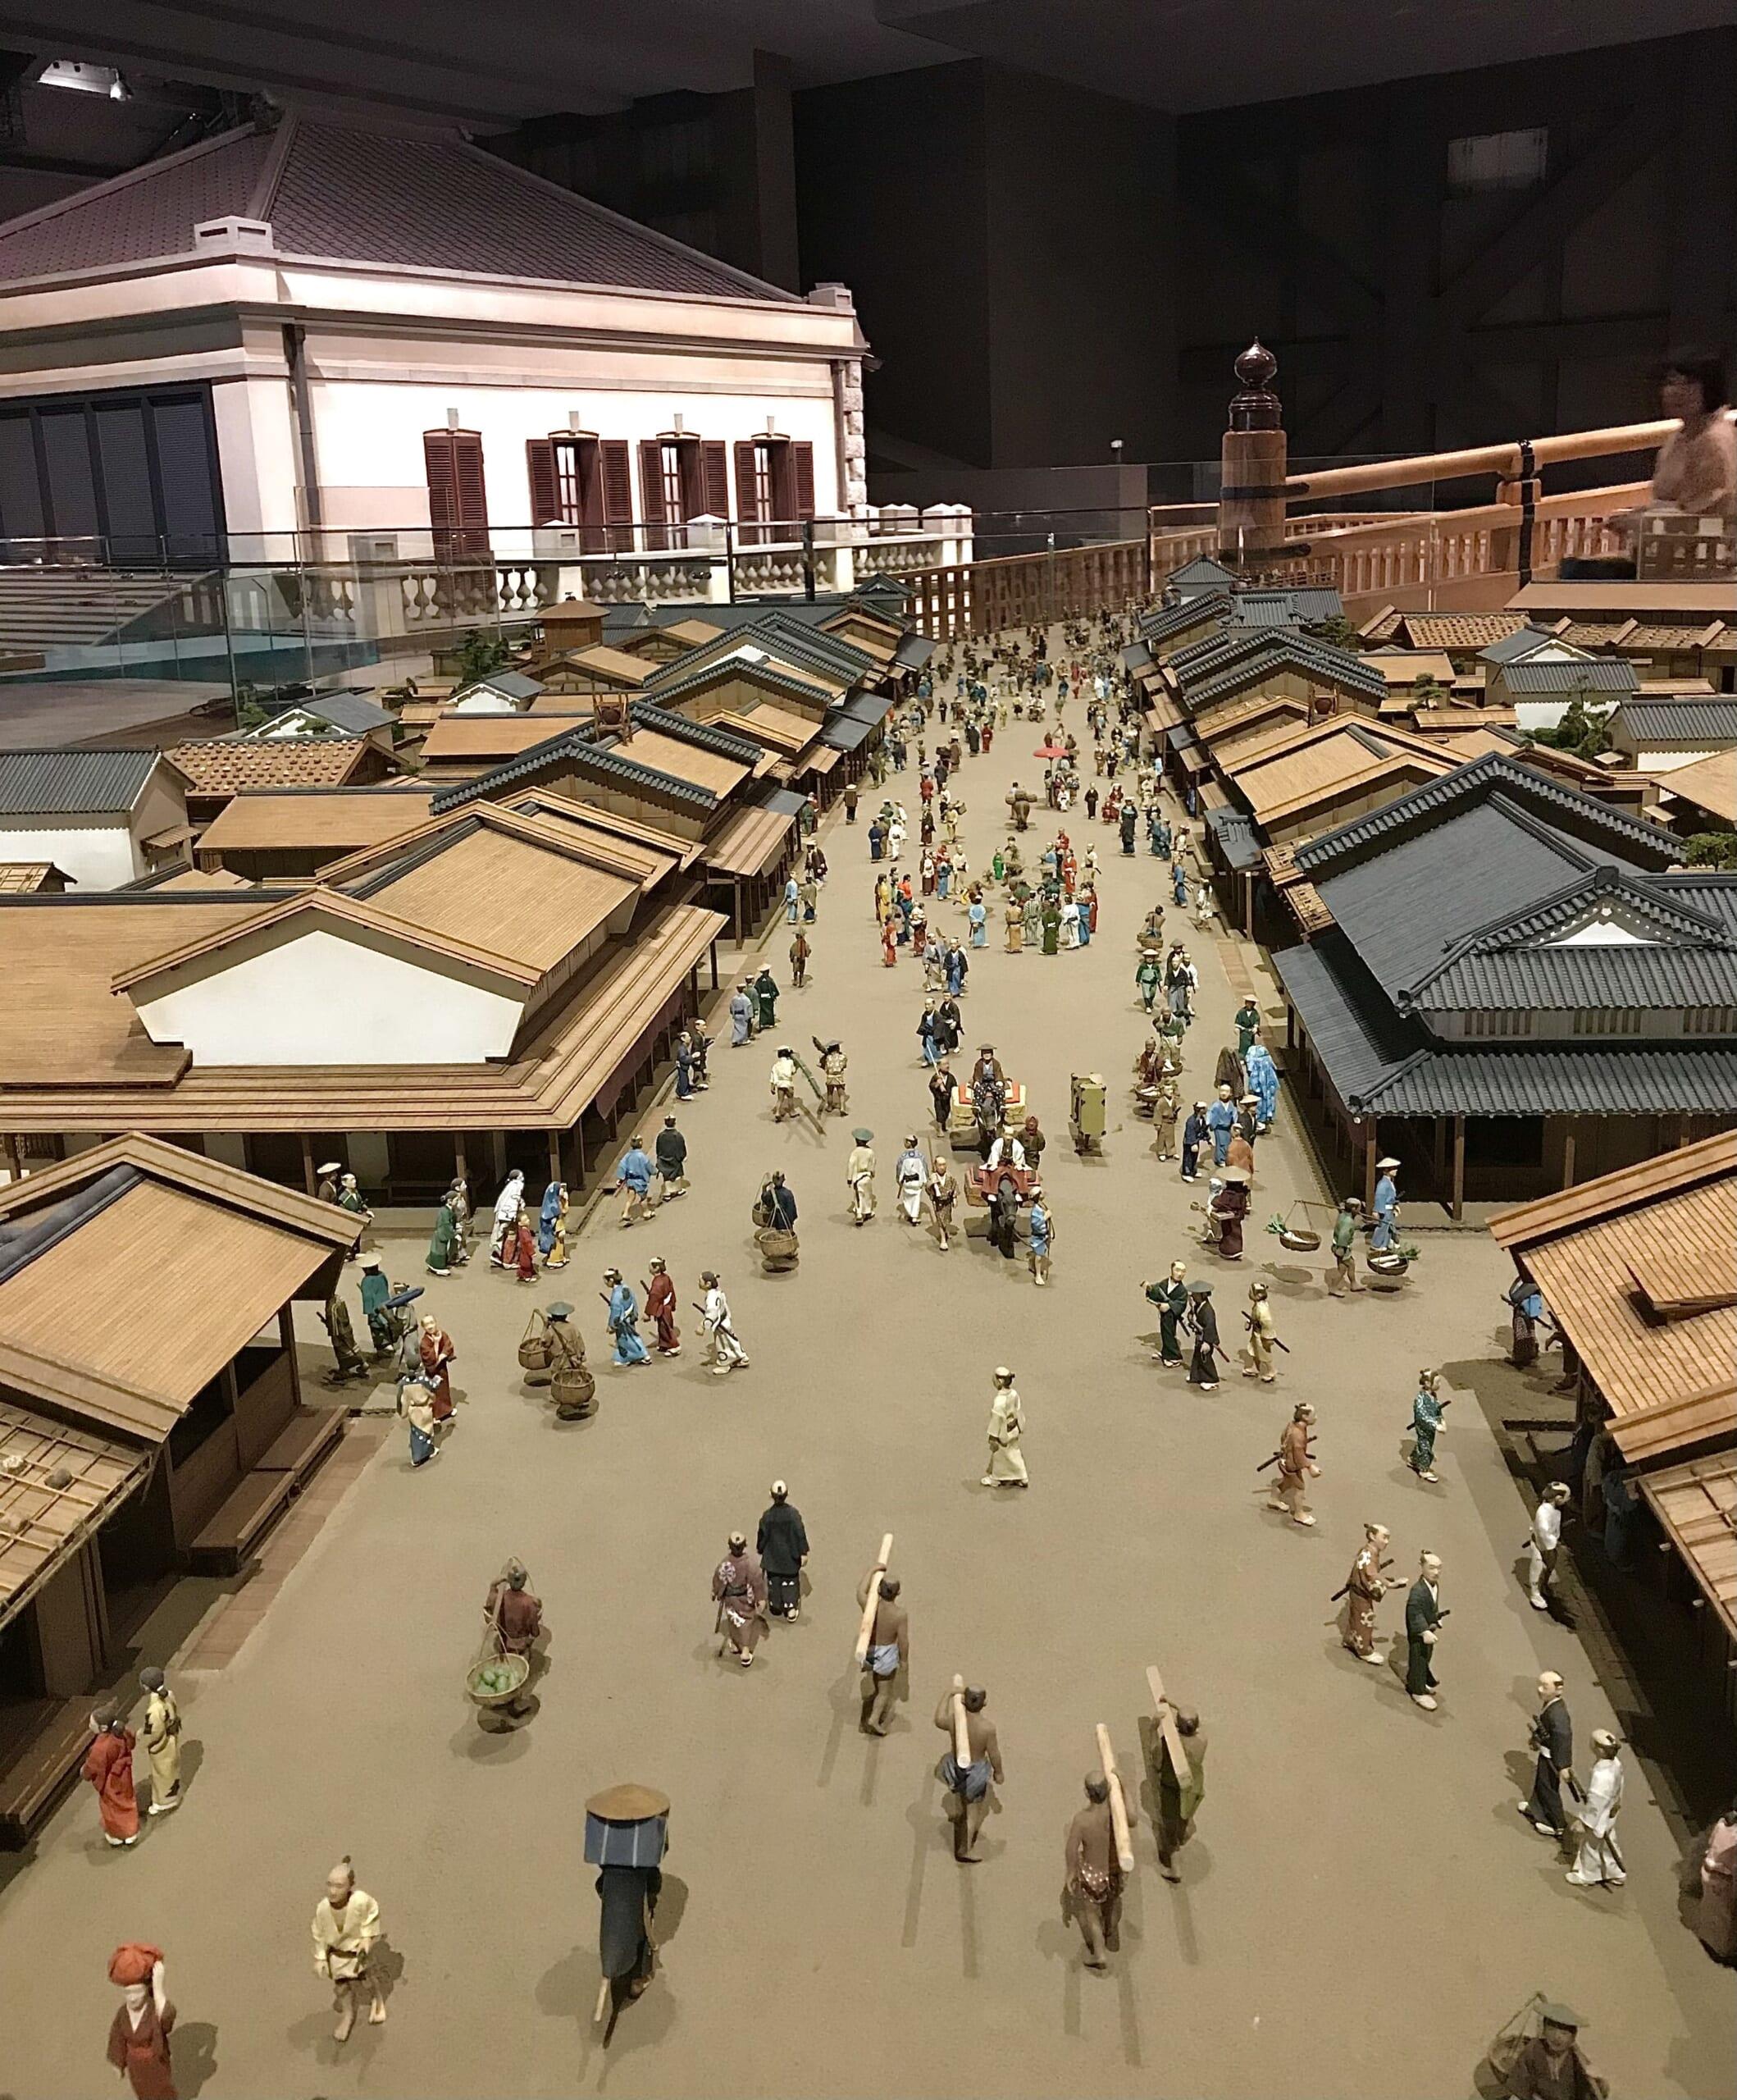 Museo Edo-Tokyo: Un Tuffo nel Passato della Storia Giapponese